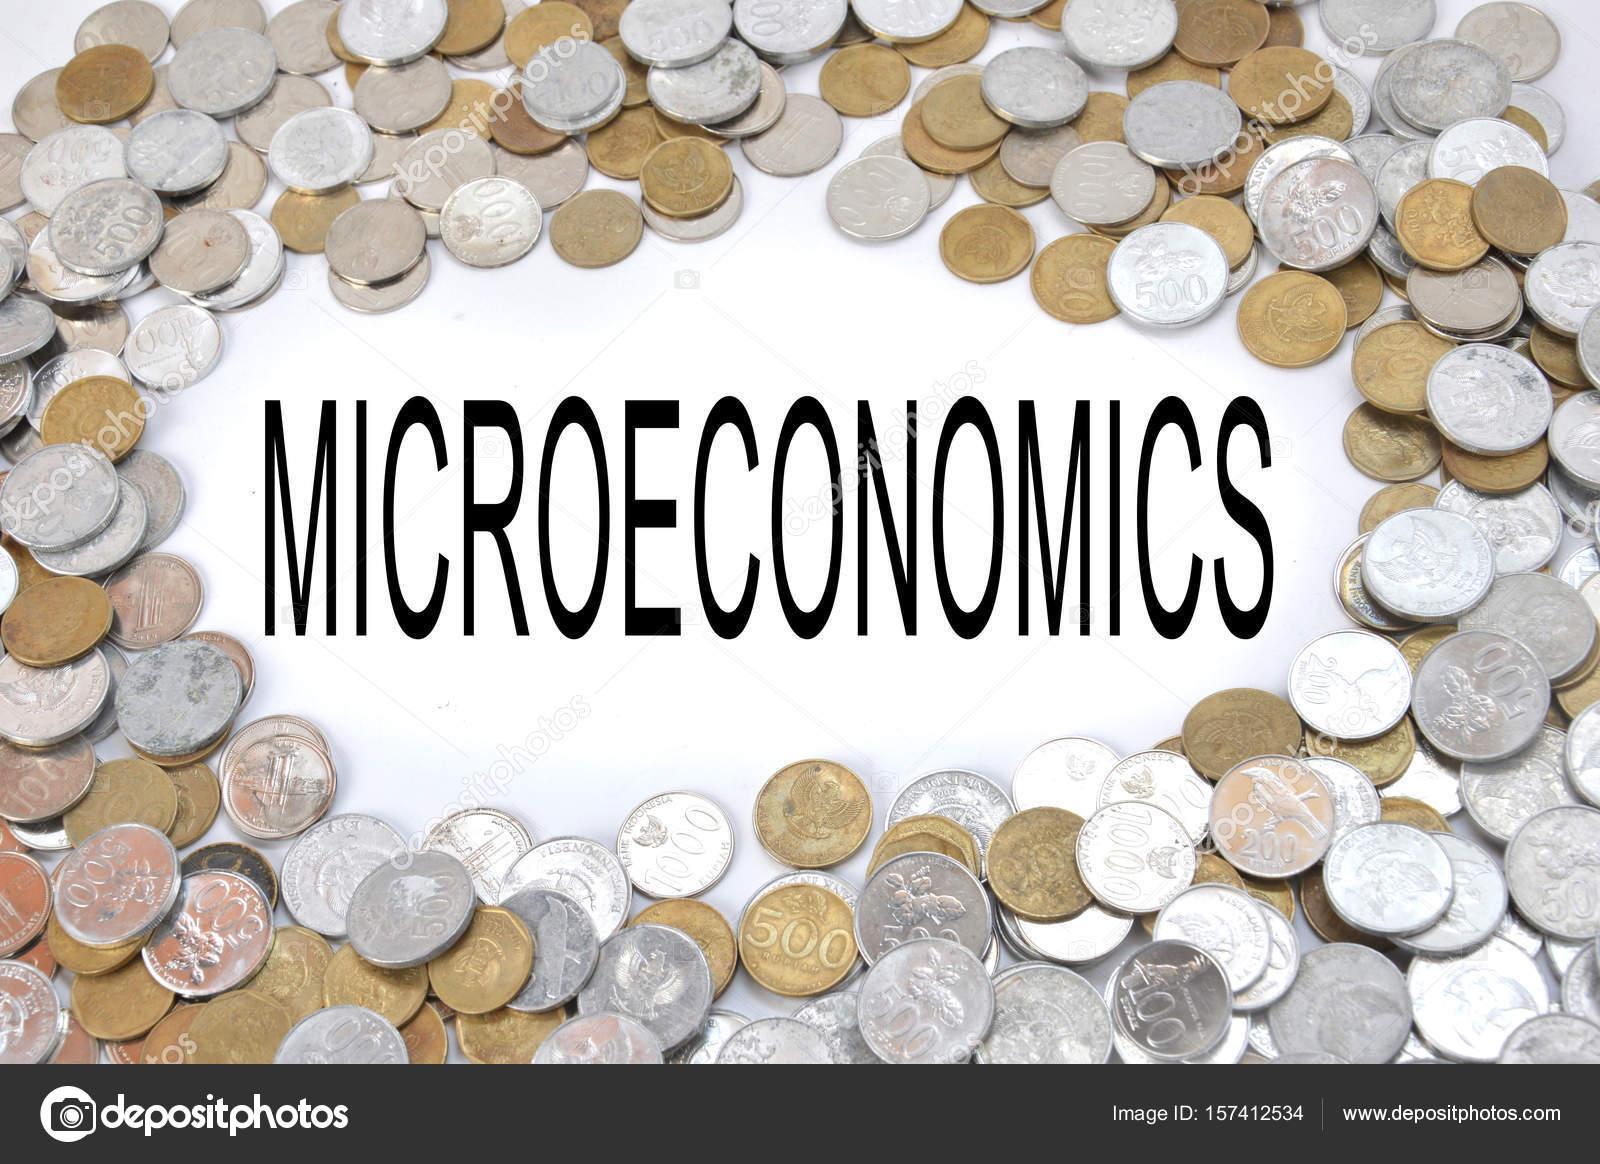 Mikroökonomie Wort Auf Weiß Mit Rahmung Indonesischen Münzen Geld ...